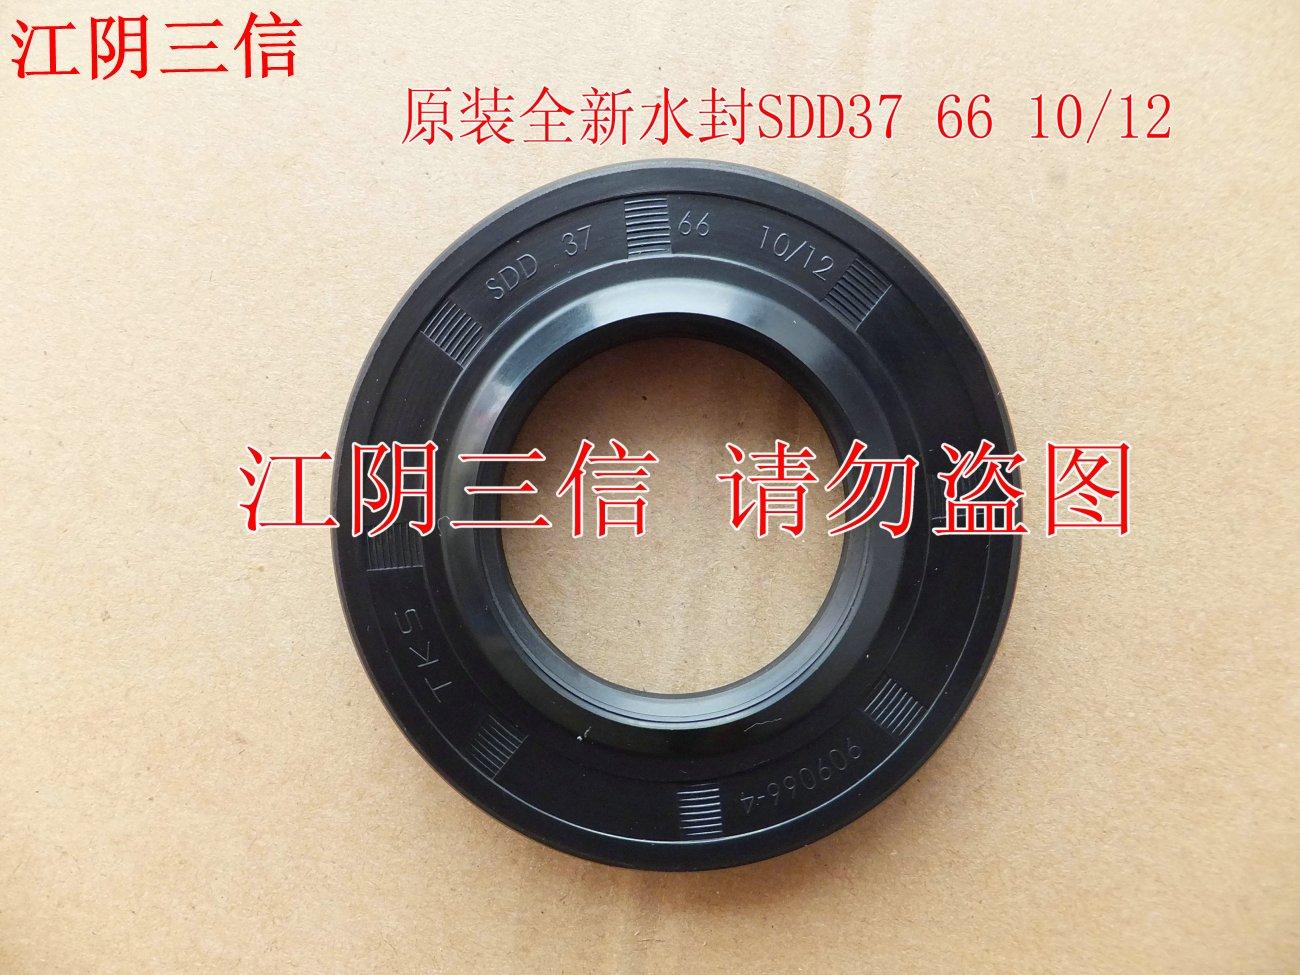 Pour Swan tambour machine à laver TG60-1201EP (S) TG60-1201LPD (S) roulement joint d'eau